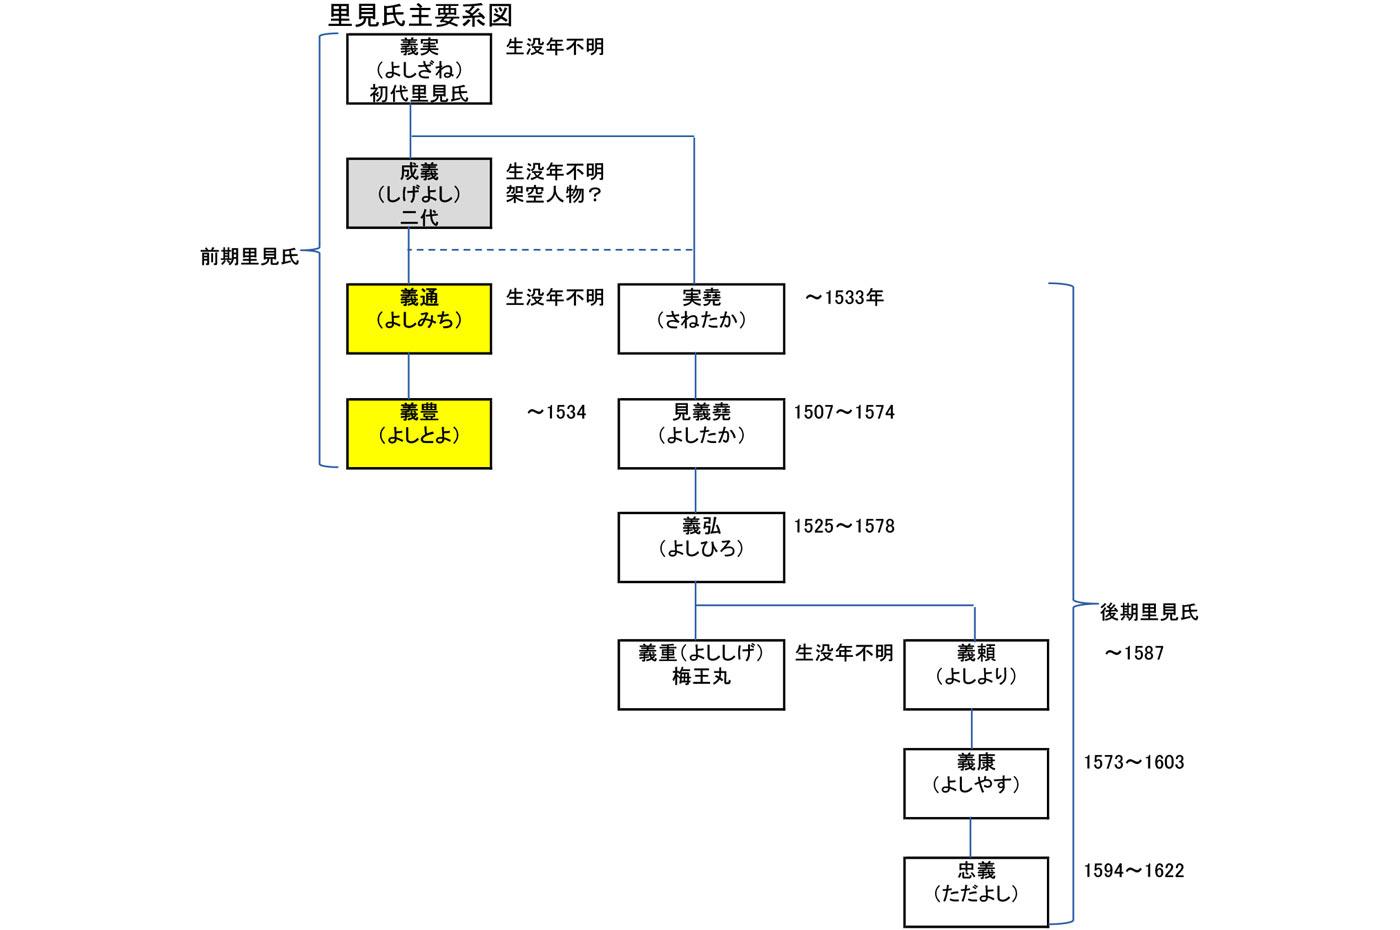 里見氏 主要人物の系図